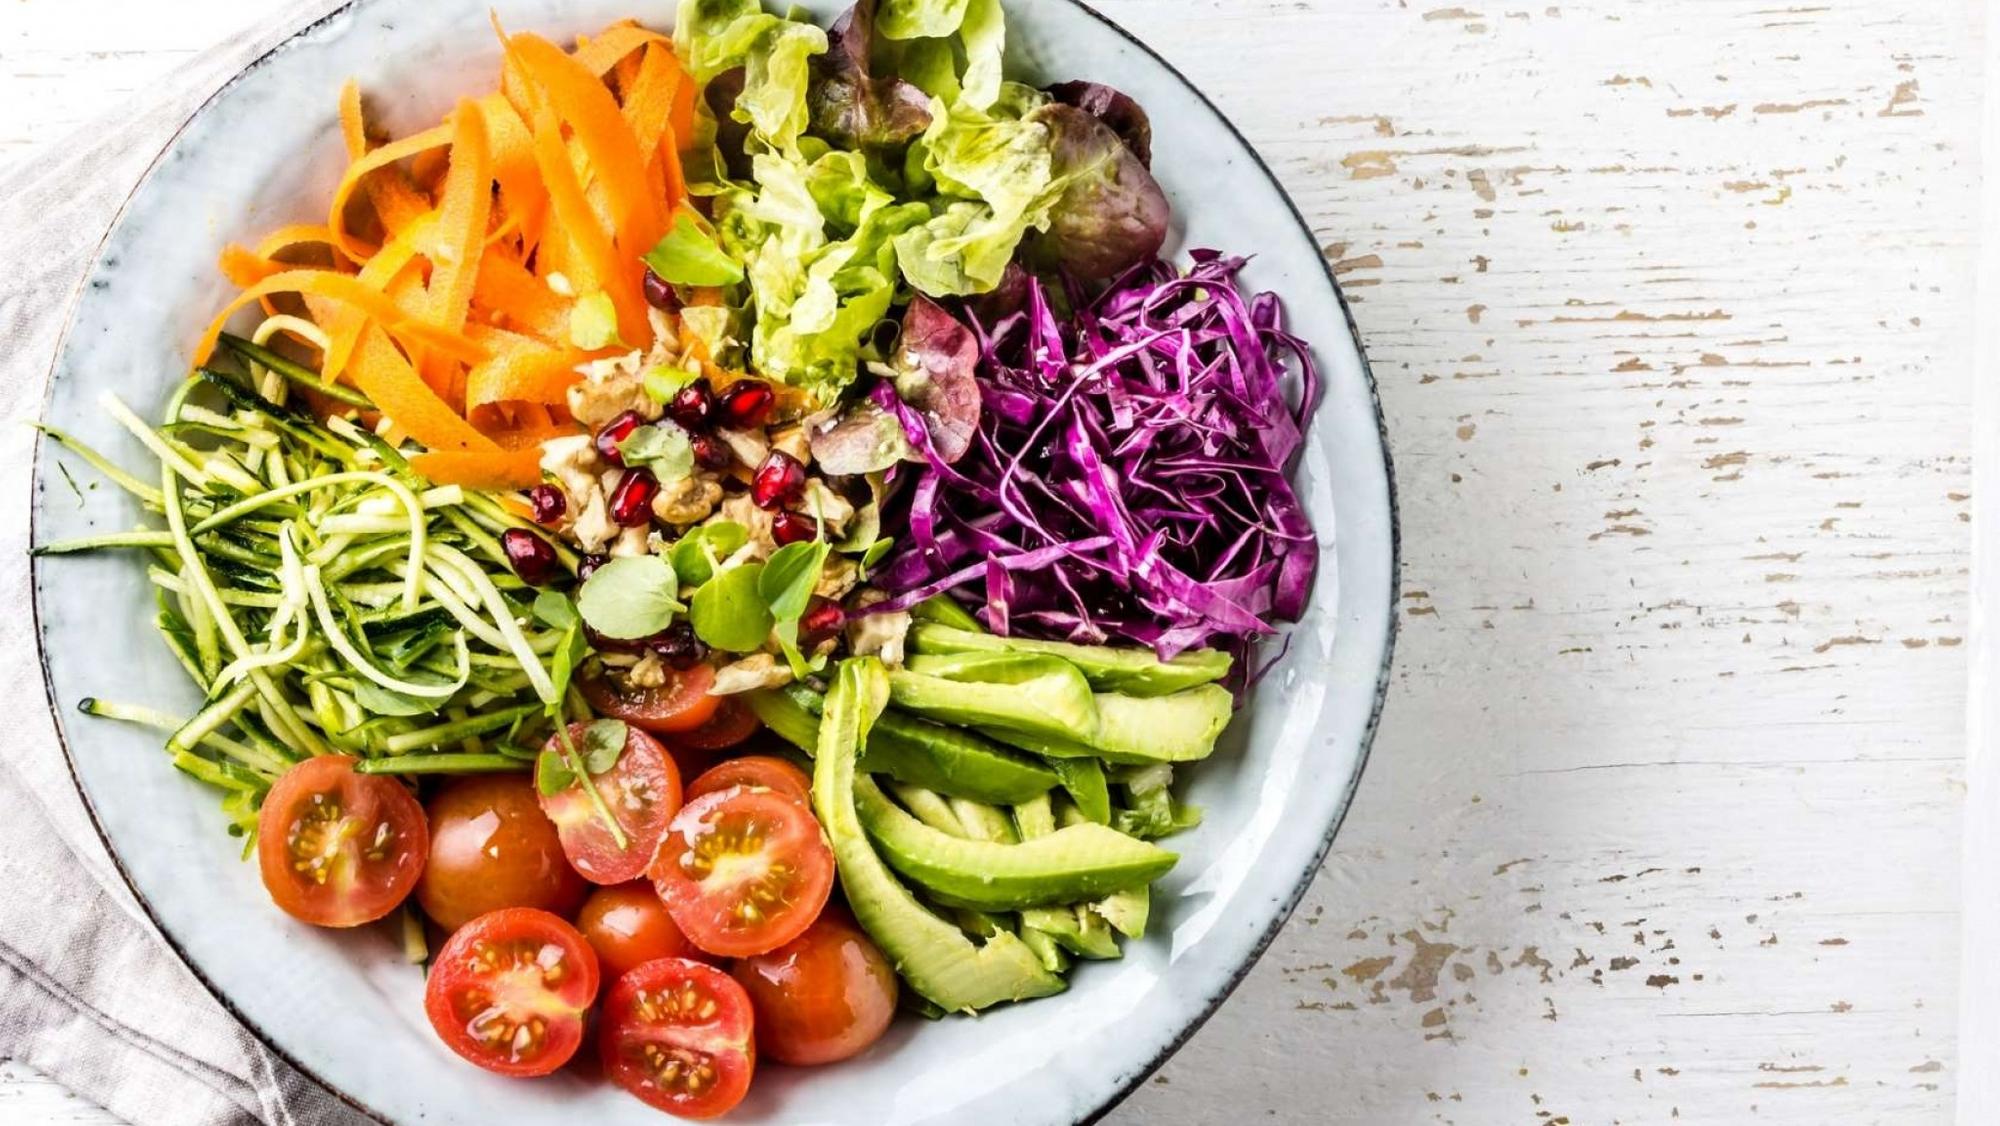 Coma alimentos ricos em proteína, vitamina, fibras e minerais. (Fonte: Portal Morada)